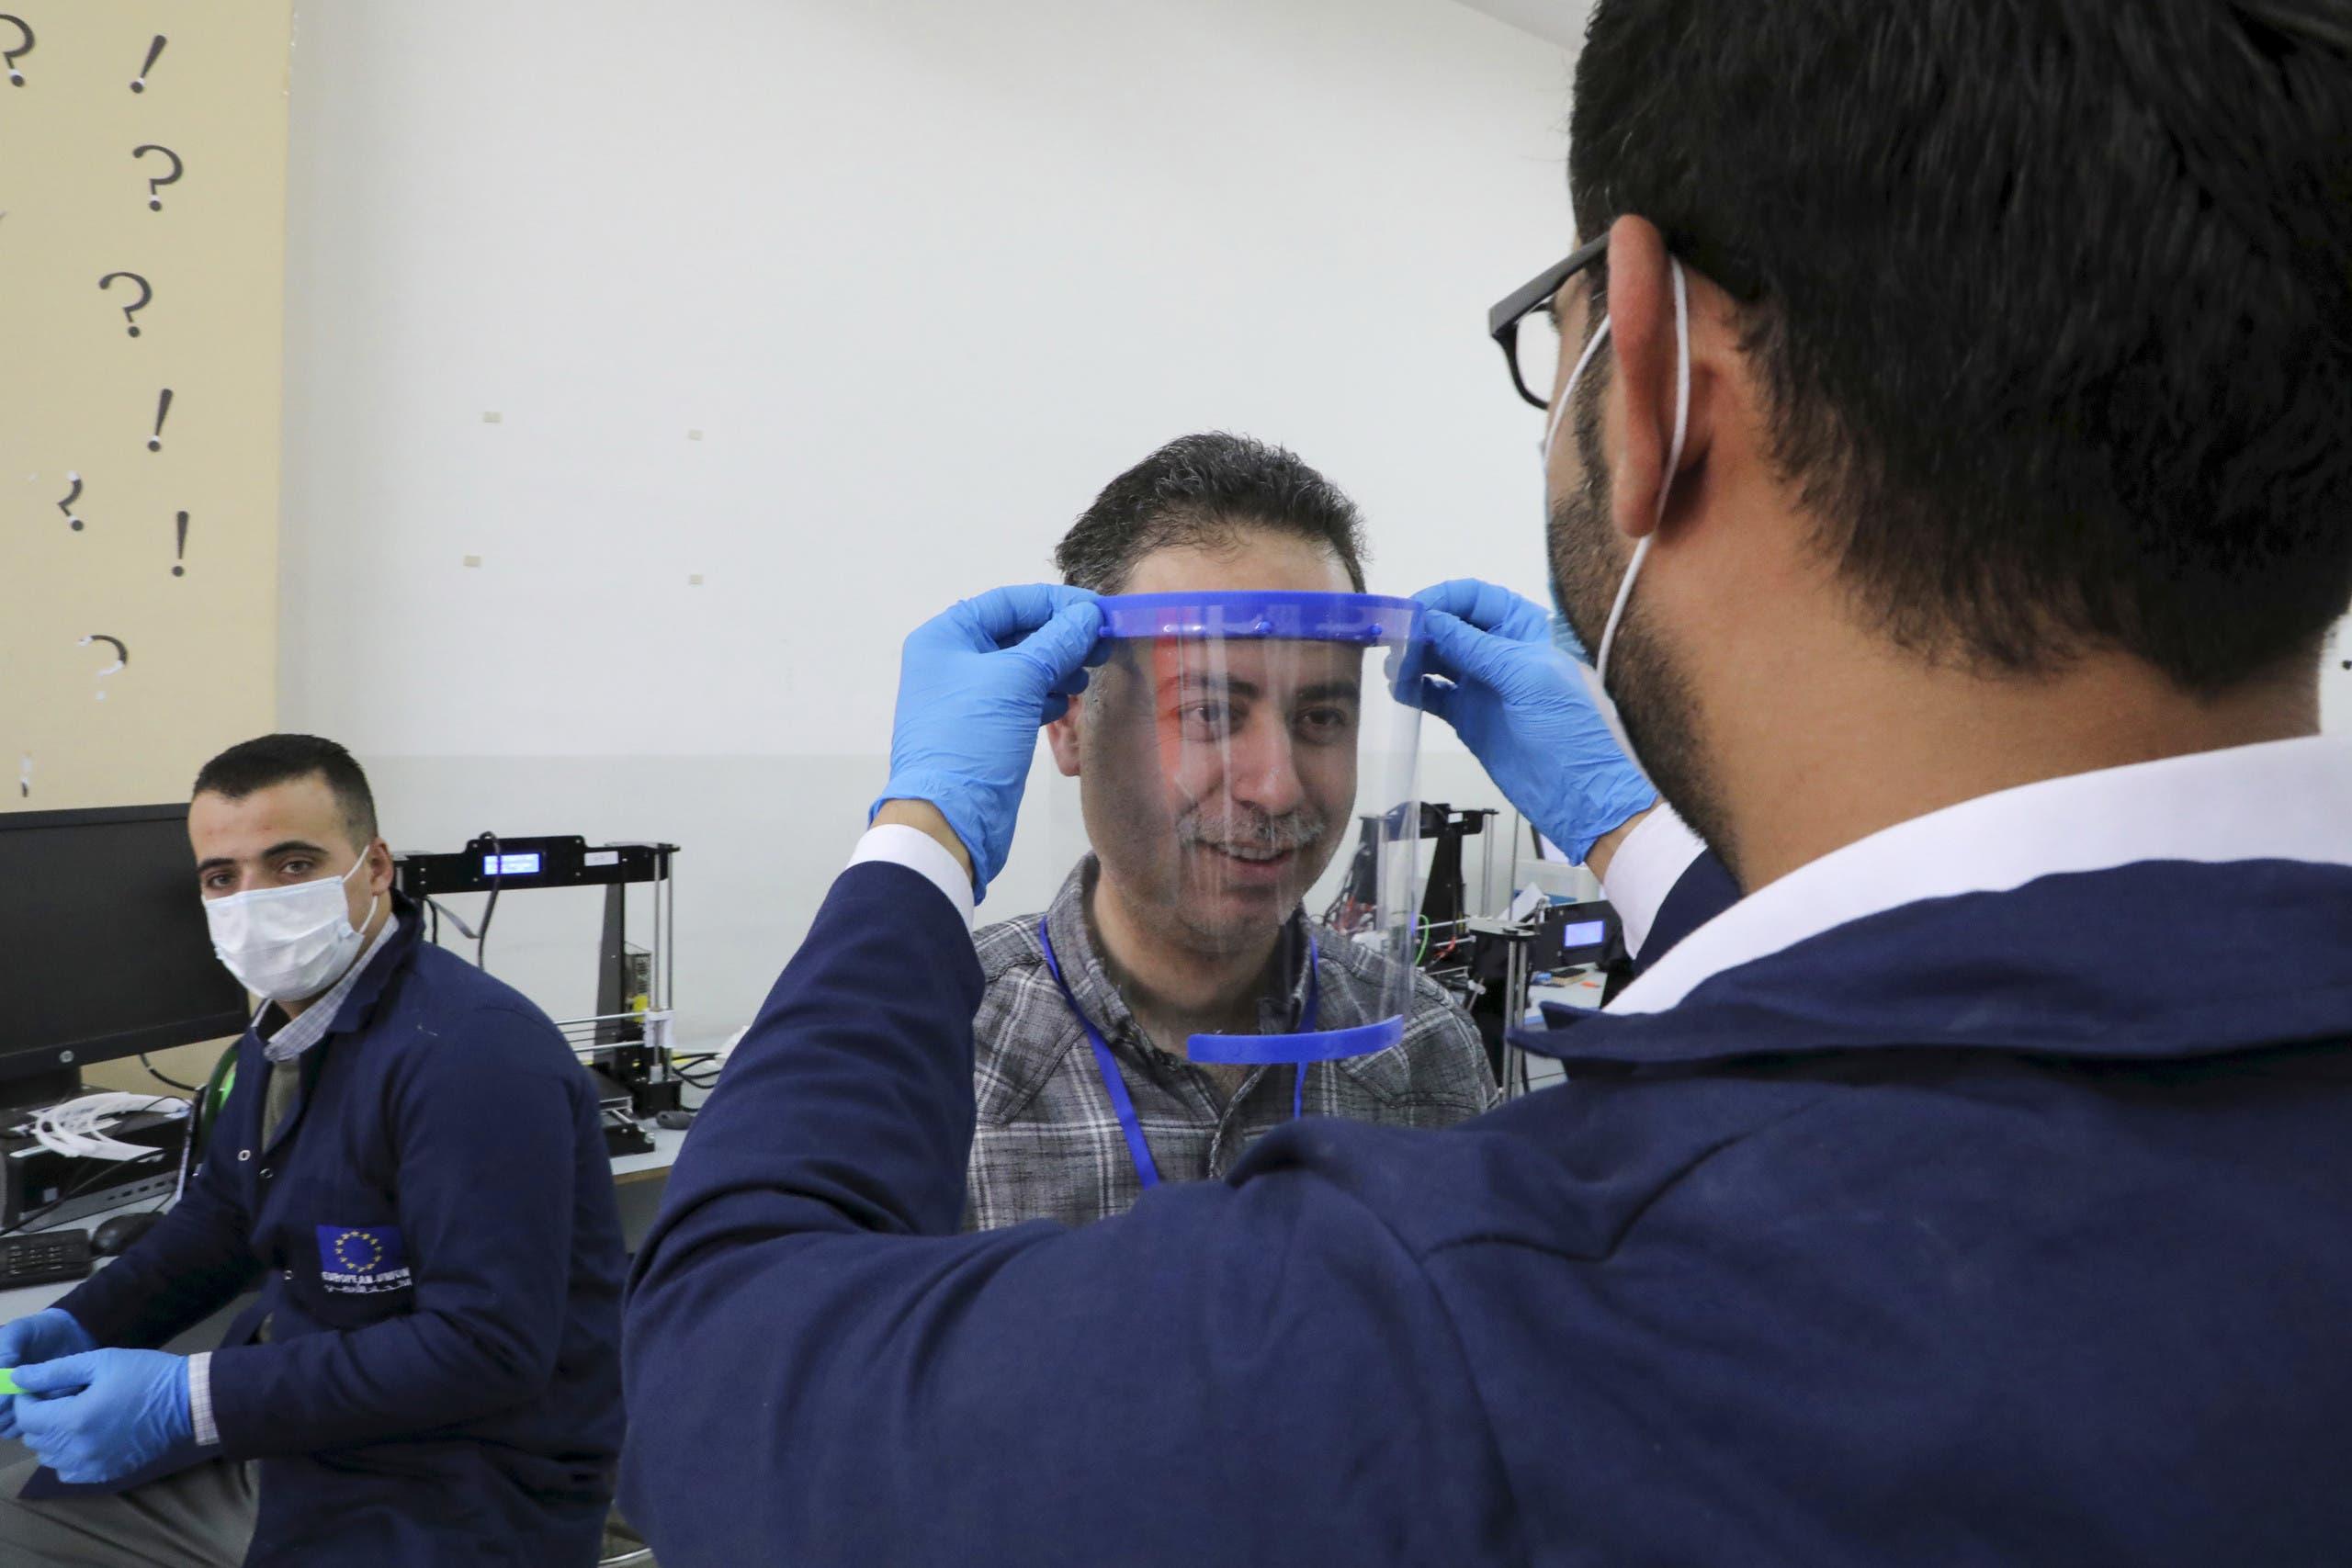 مهندسون في جامعة بالخليل في الضفة يصنعون الأقنعة الواقية للطواقم الطبية عبر طابعة ثلاثية الأبعاد